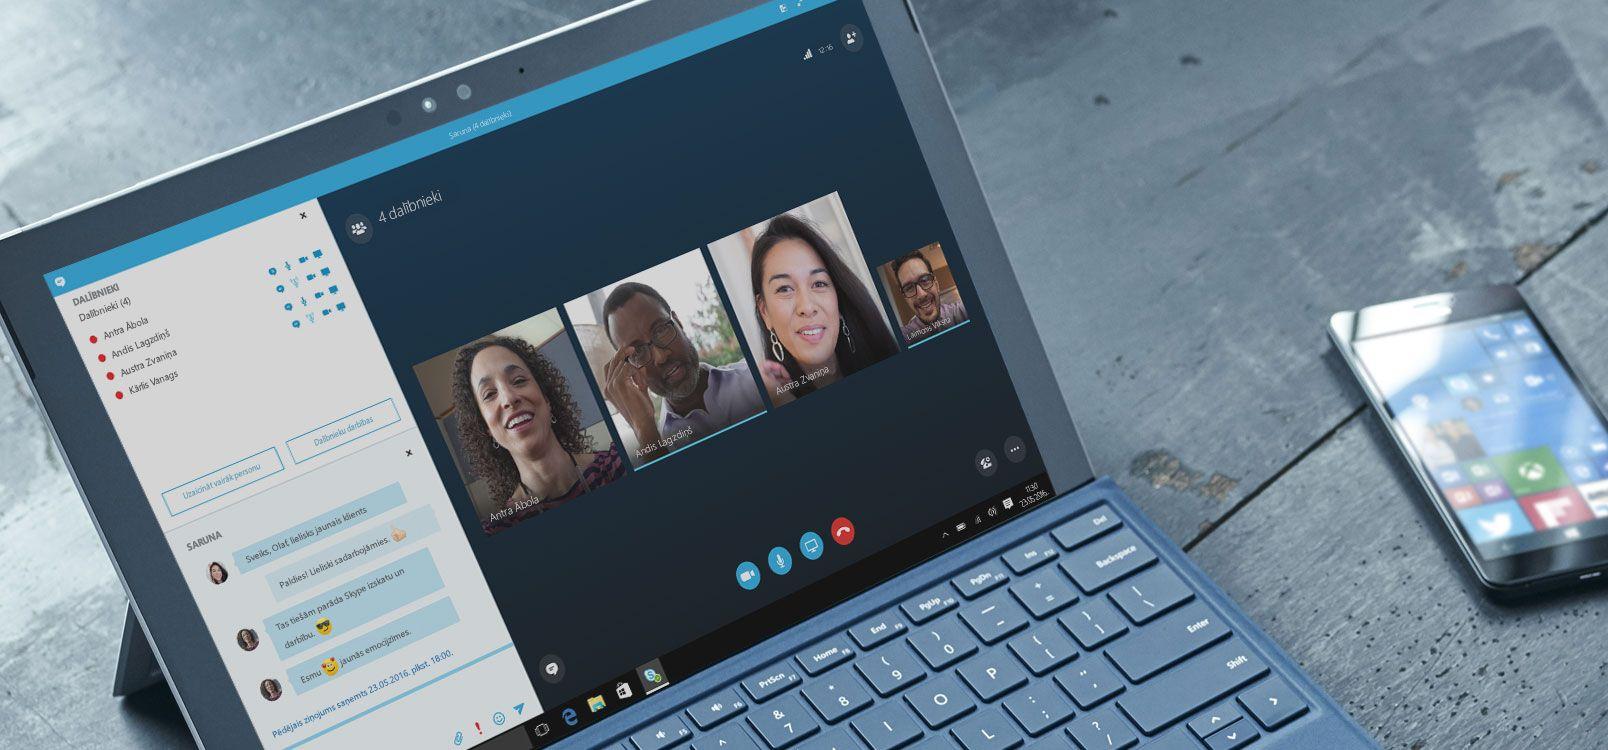 Sieviete izmanto pakalpojumu Office 365 planšetdatorā un viedtālrunī kopīgā darbā ar dokumentiem.